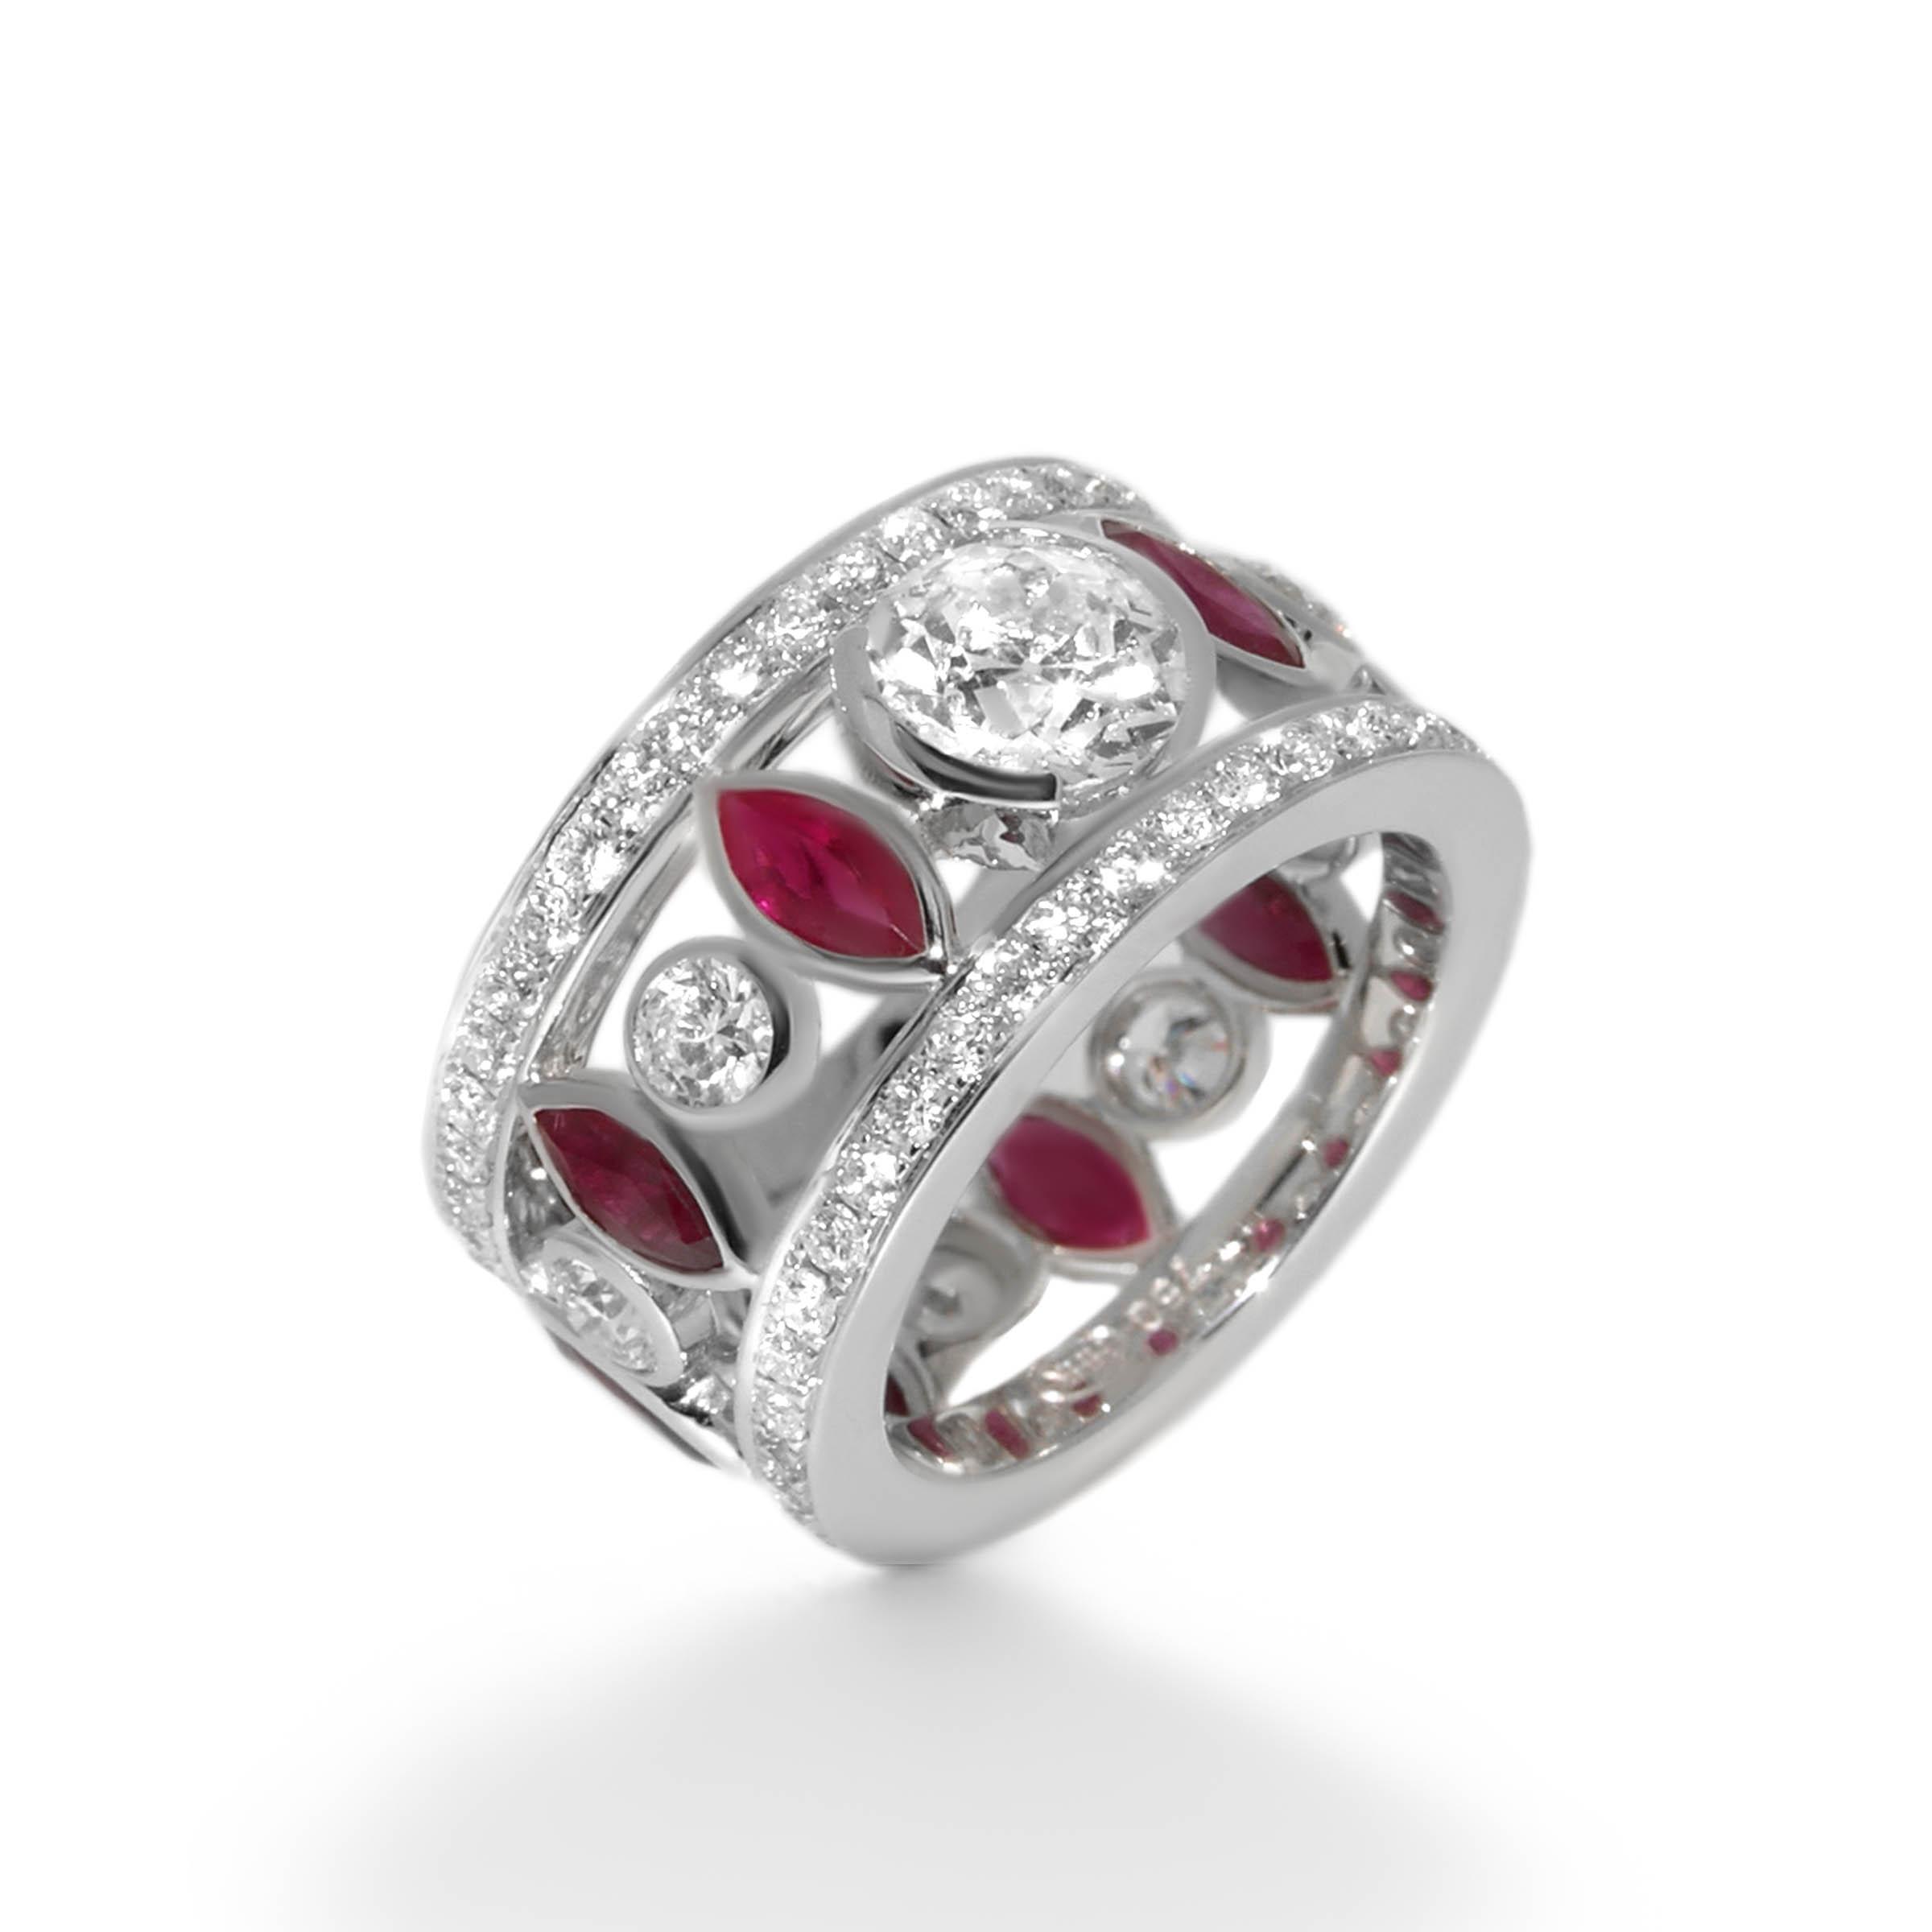 diamond and ruby cocktail ring- haywards of hong kong